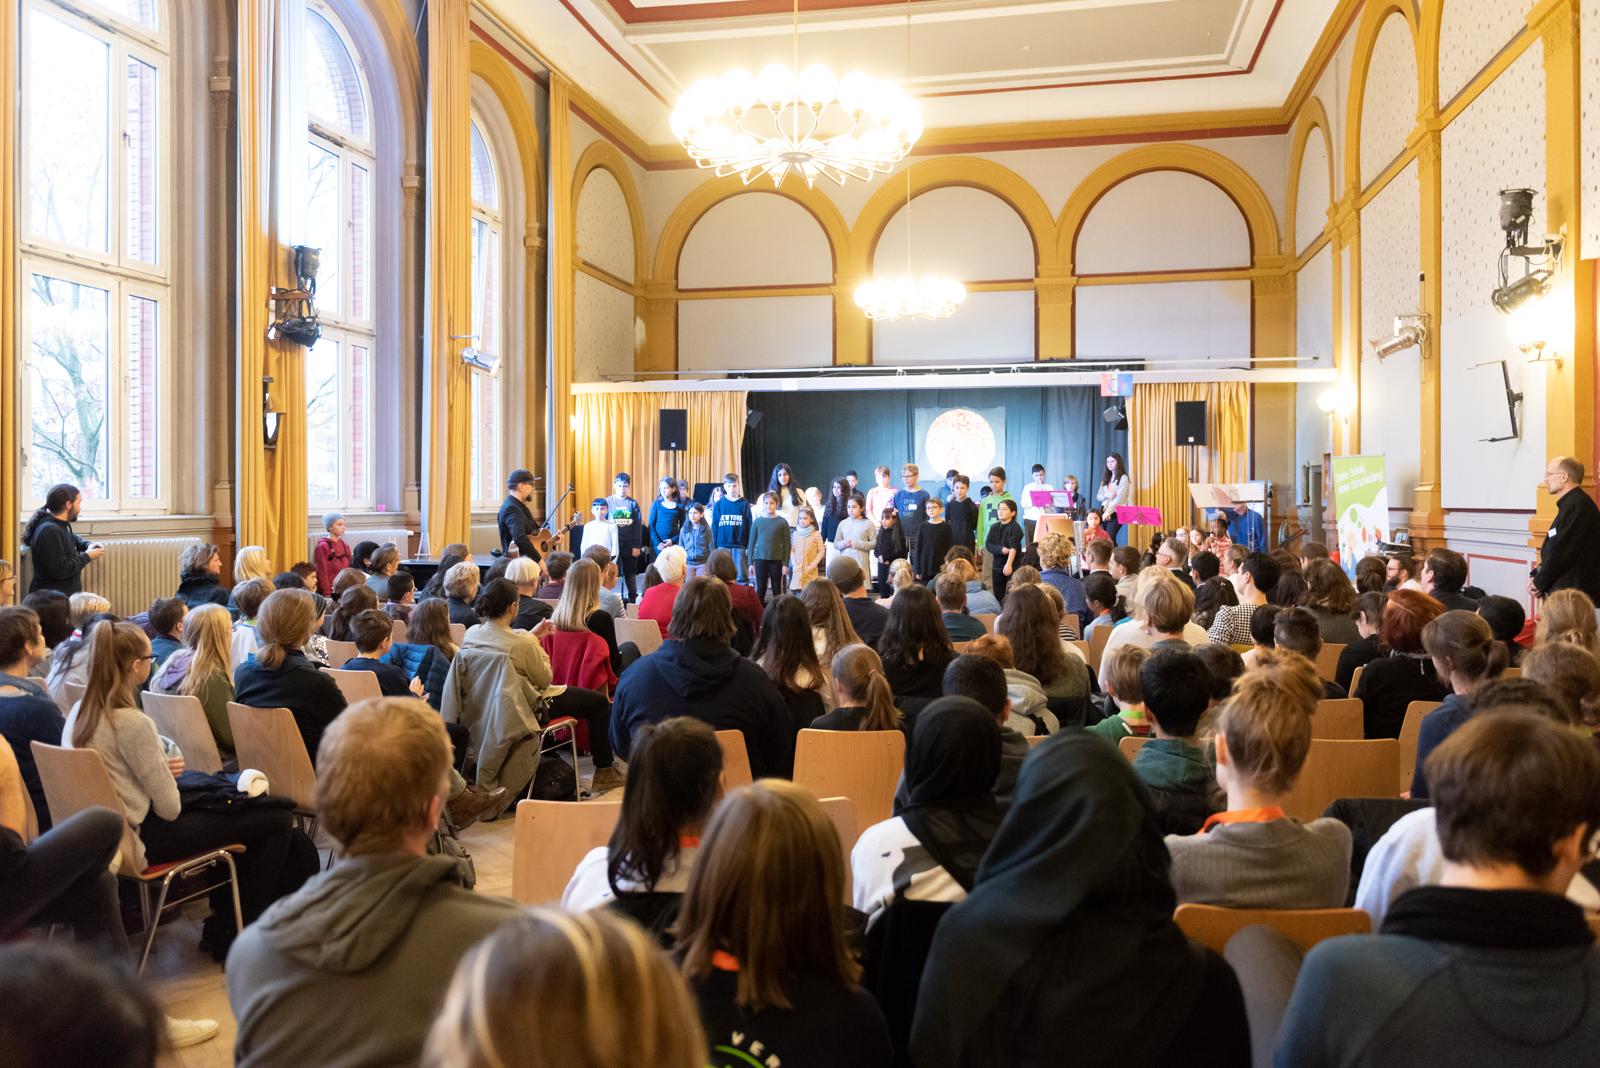 In einem Raum ist eine Bühne aufgebaut. Auf der Bühne steht eine Gruppe von Schüler*innen. Vor der Bühne sitzen viele Zuschauer im Plenum.